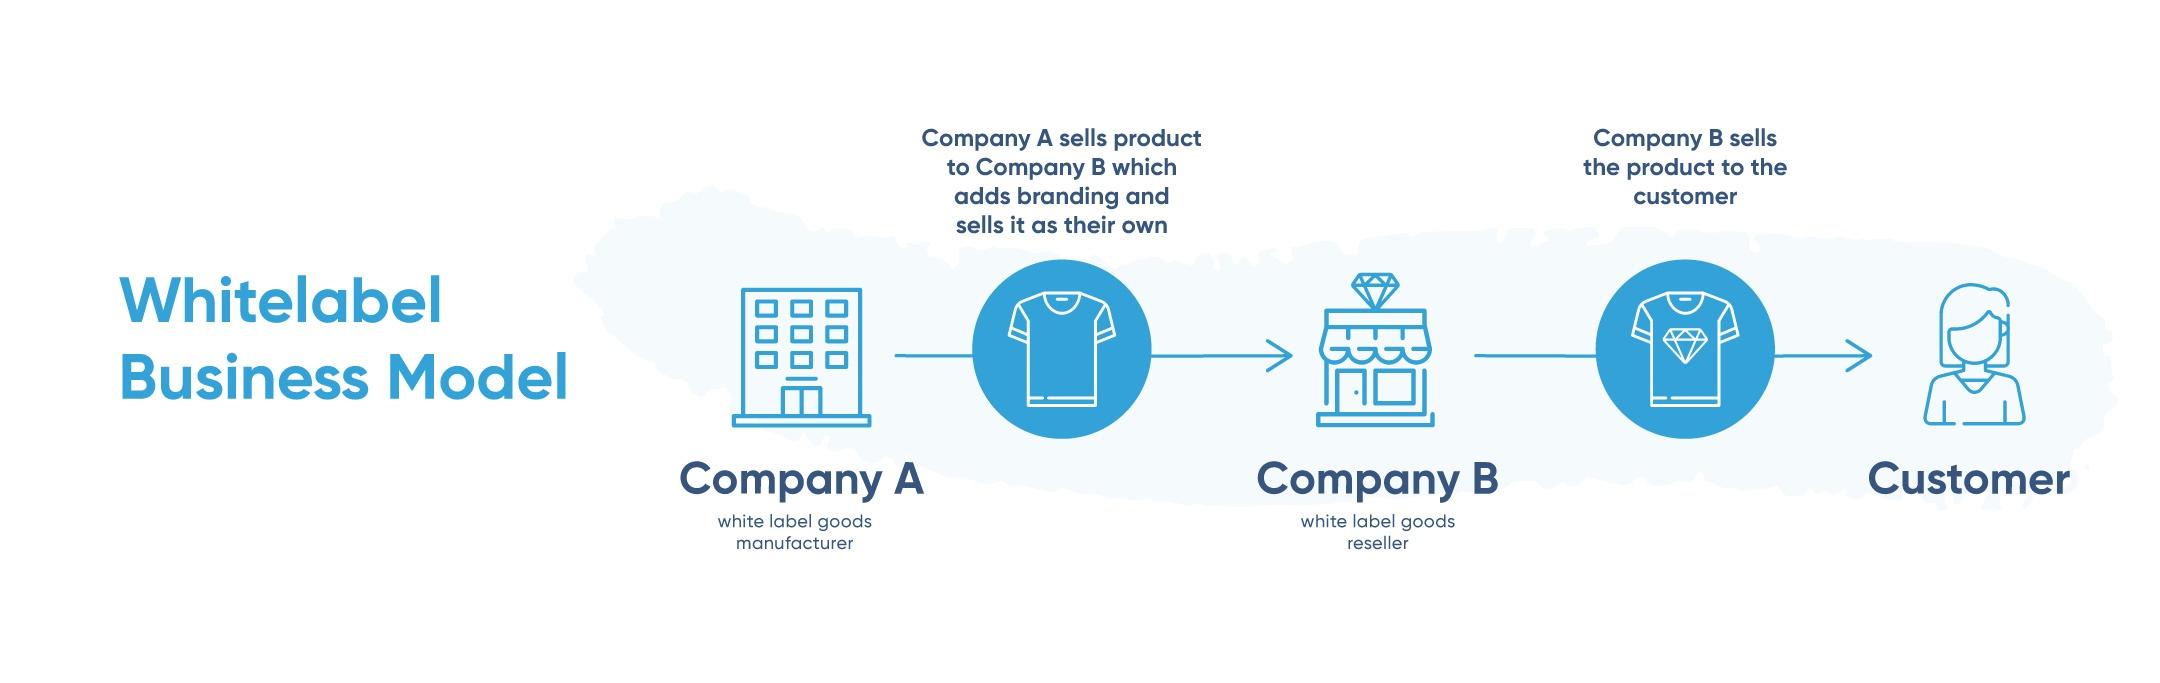 IMG_POST-Ecommerce-Business-Models-WHITELABEL.jpg